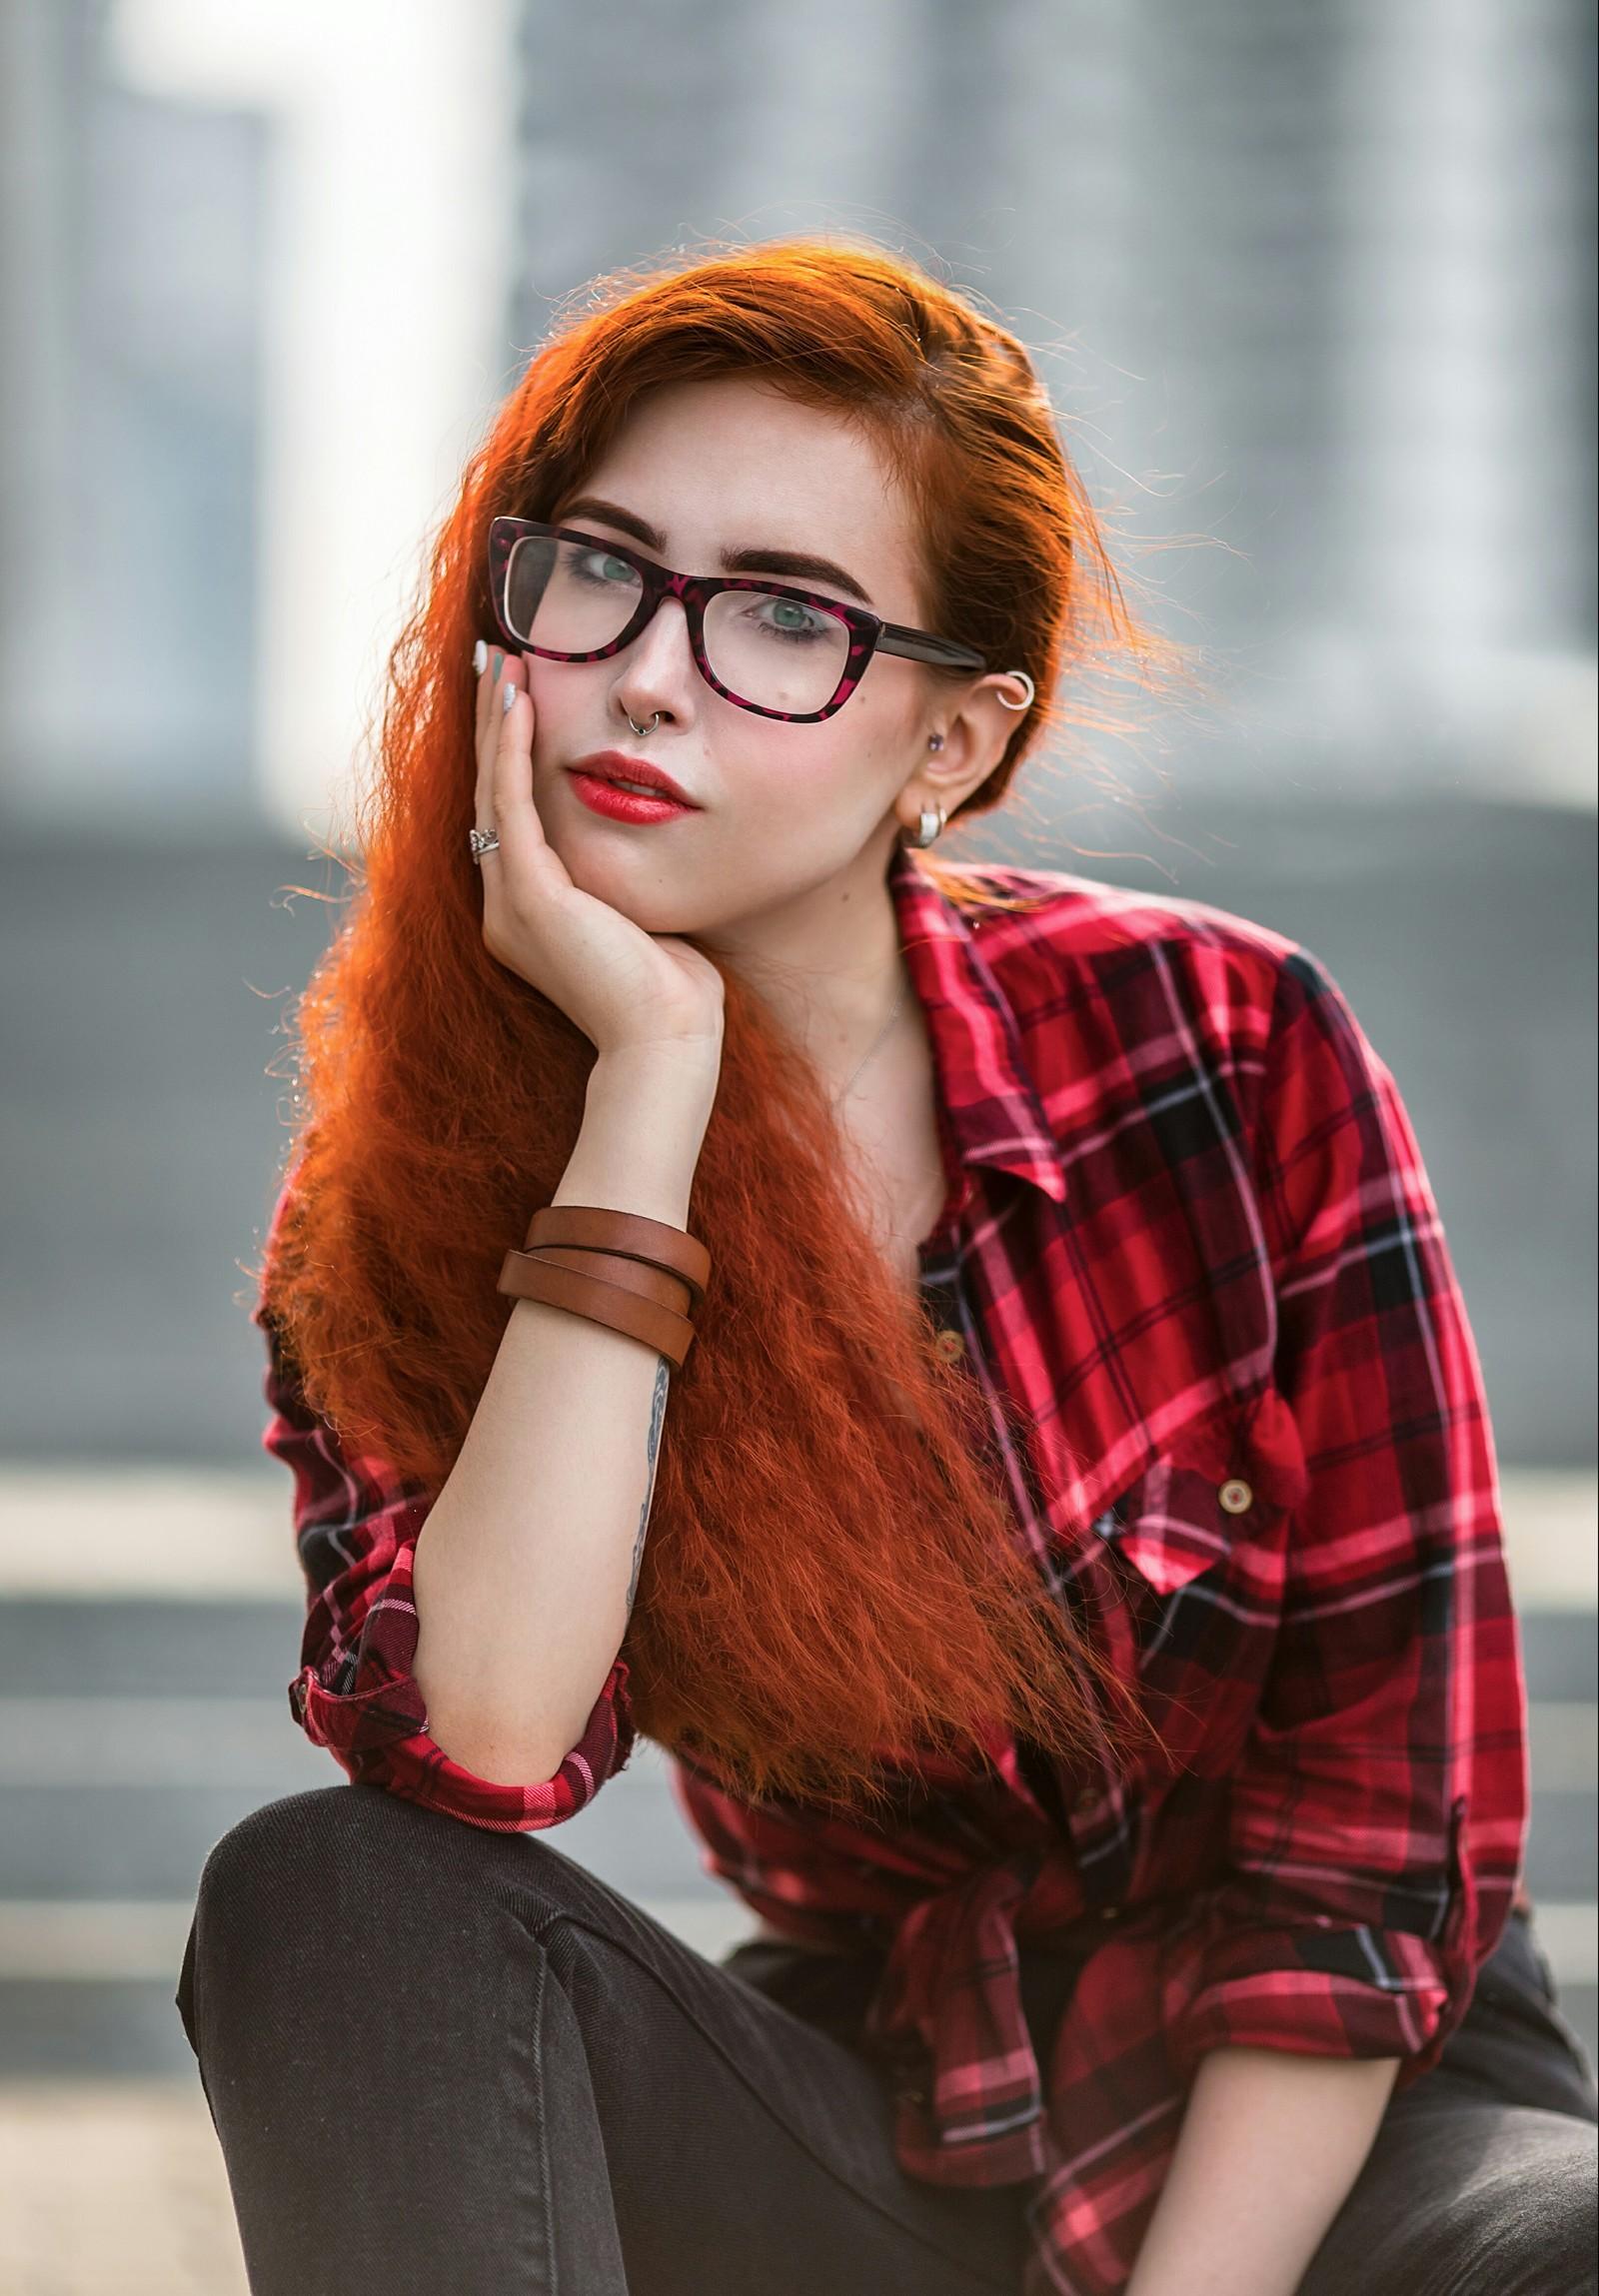 Интересные фотосессии для рыжих девушек 11